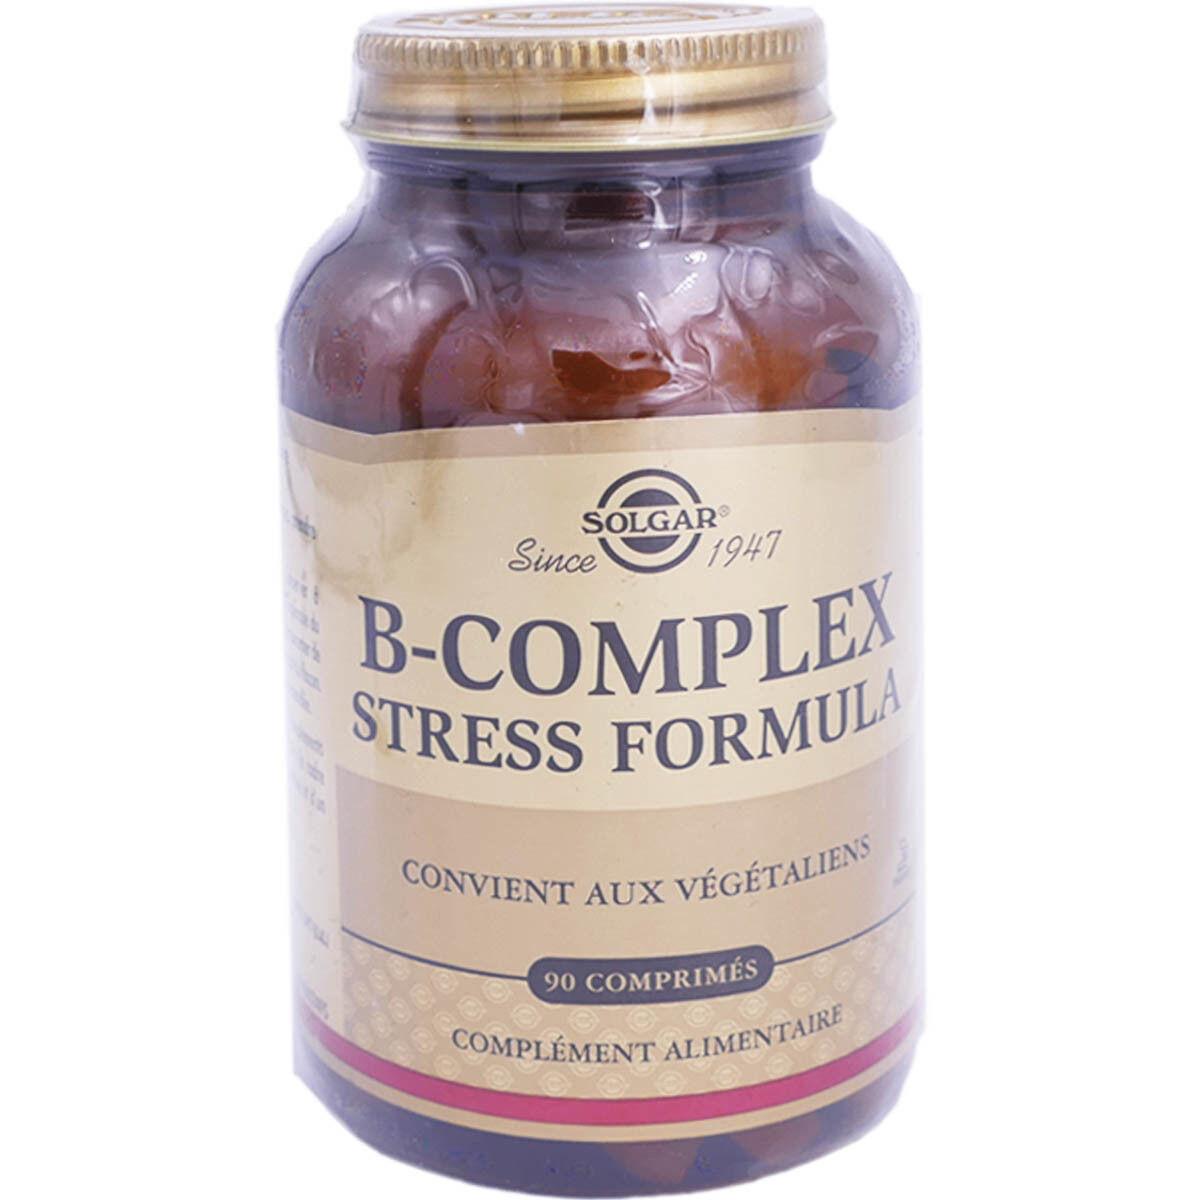 Solgar b complex stress formula 90 comprimes